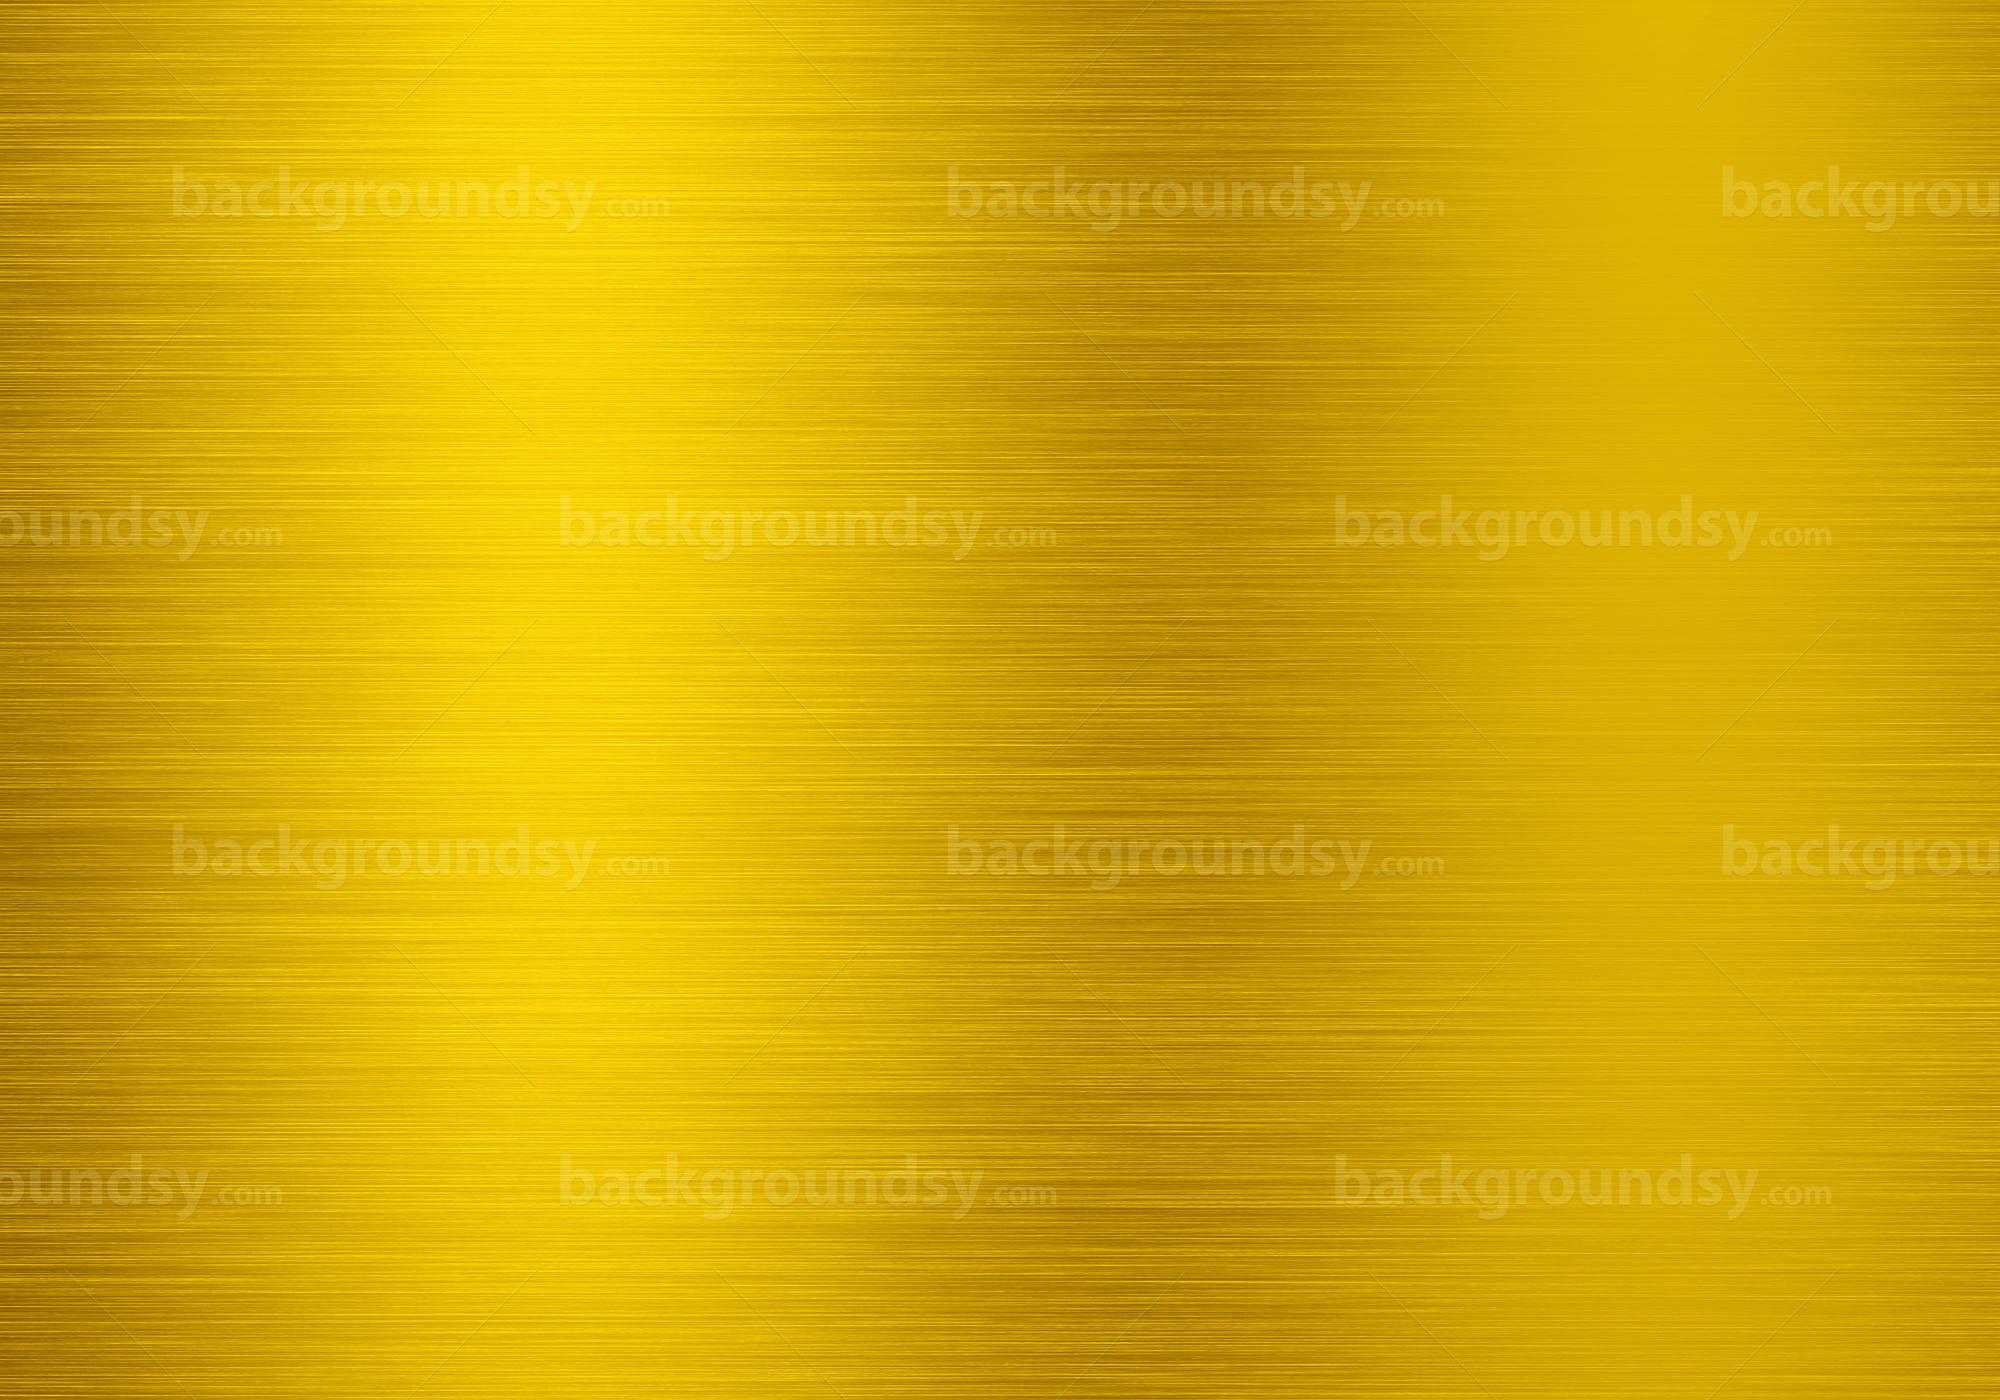 Yellow metal  Backgroundsycom